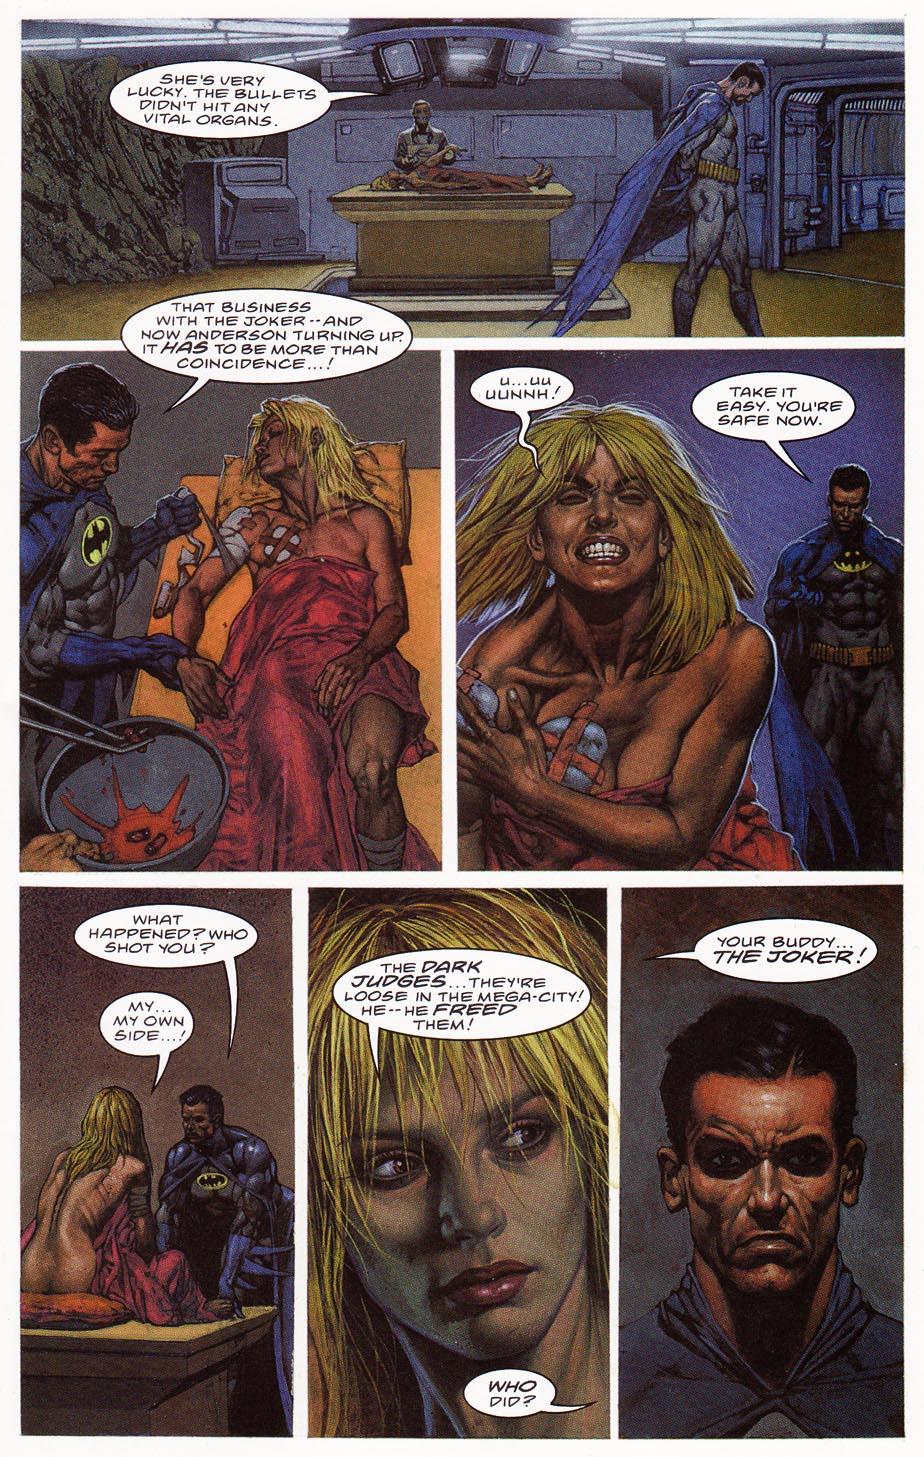 Batman & Judge Dredd – Die Laughing (Part 1)   Viewcomic reading